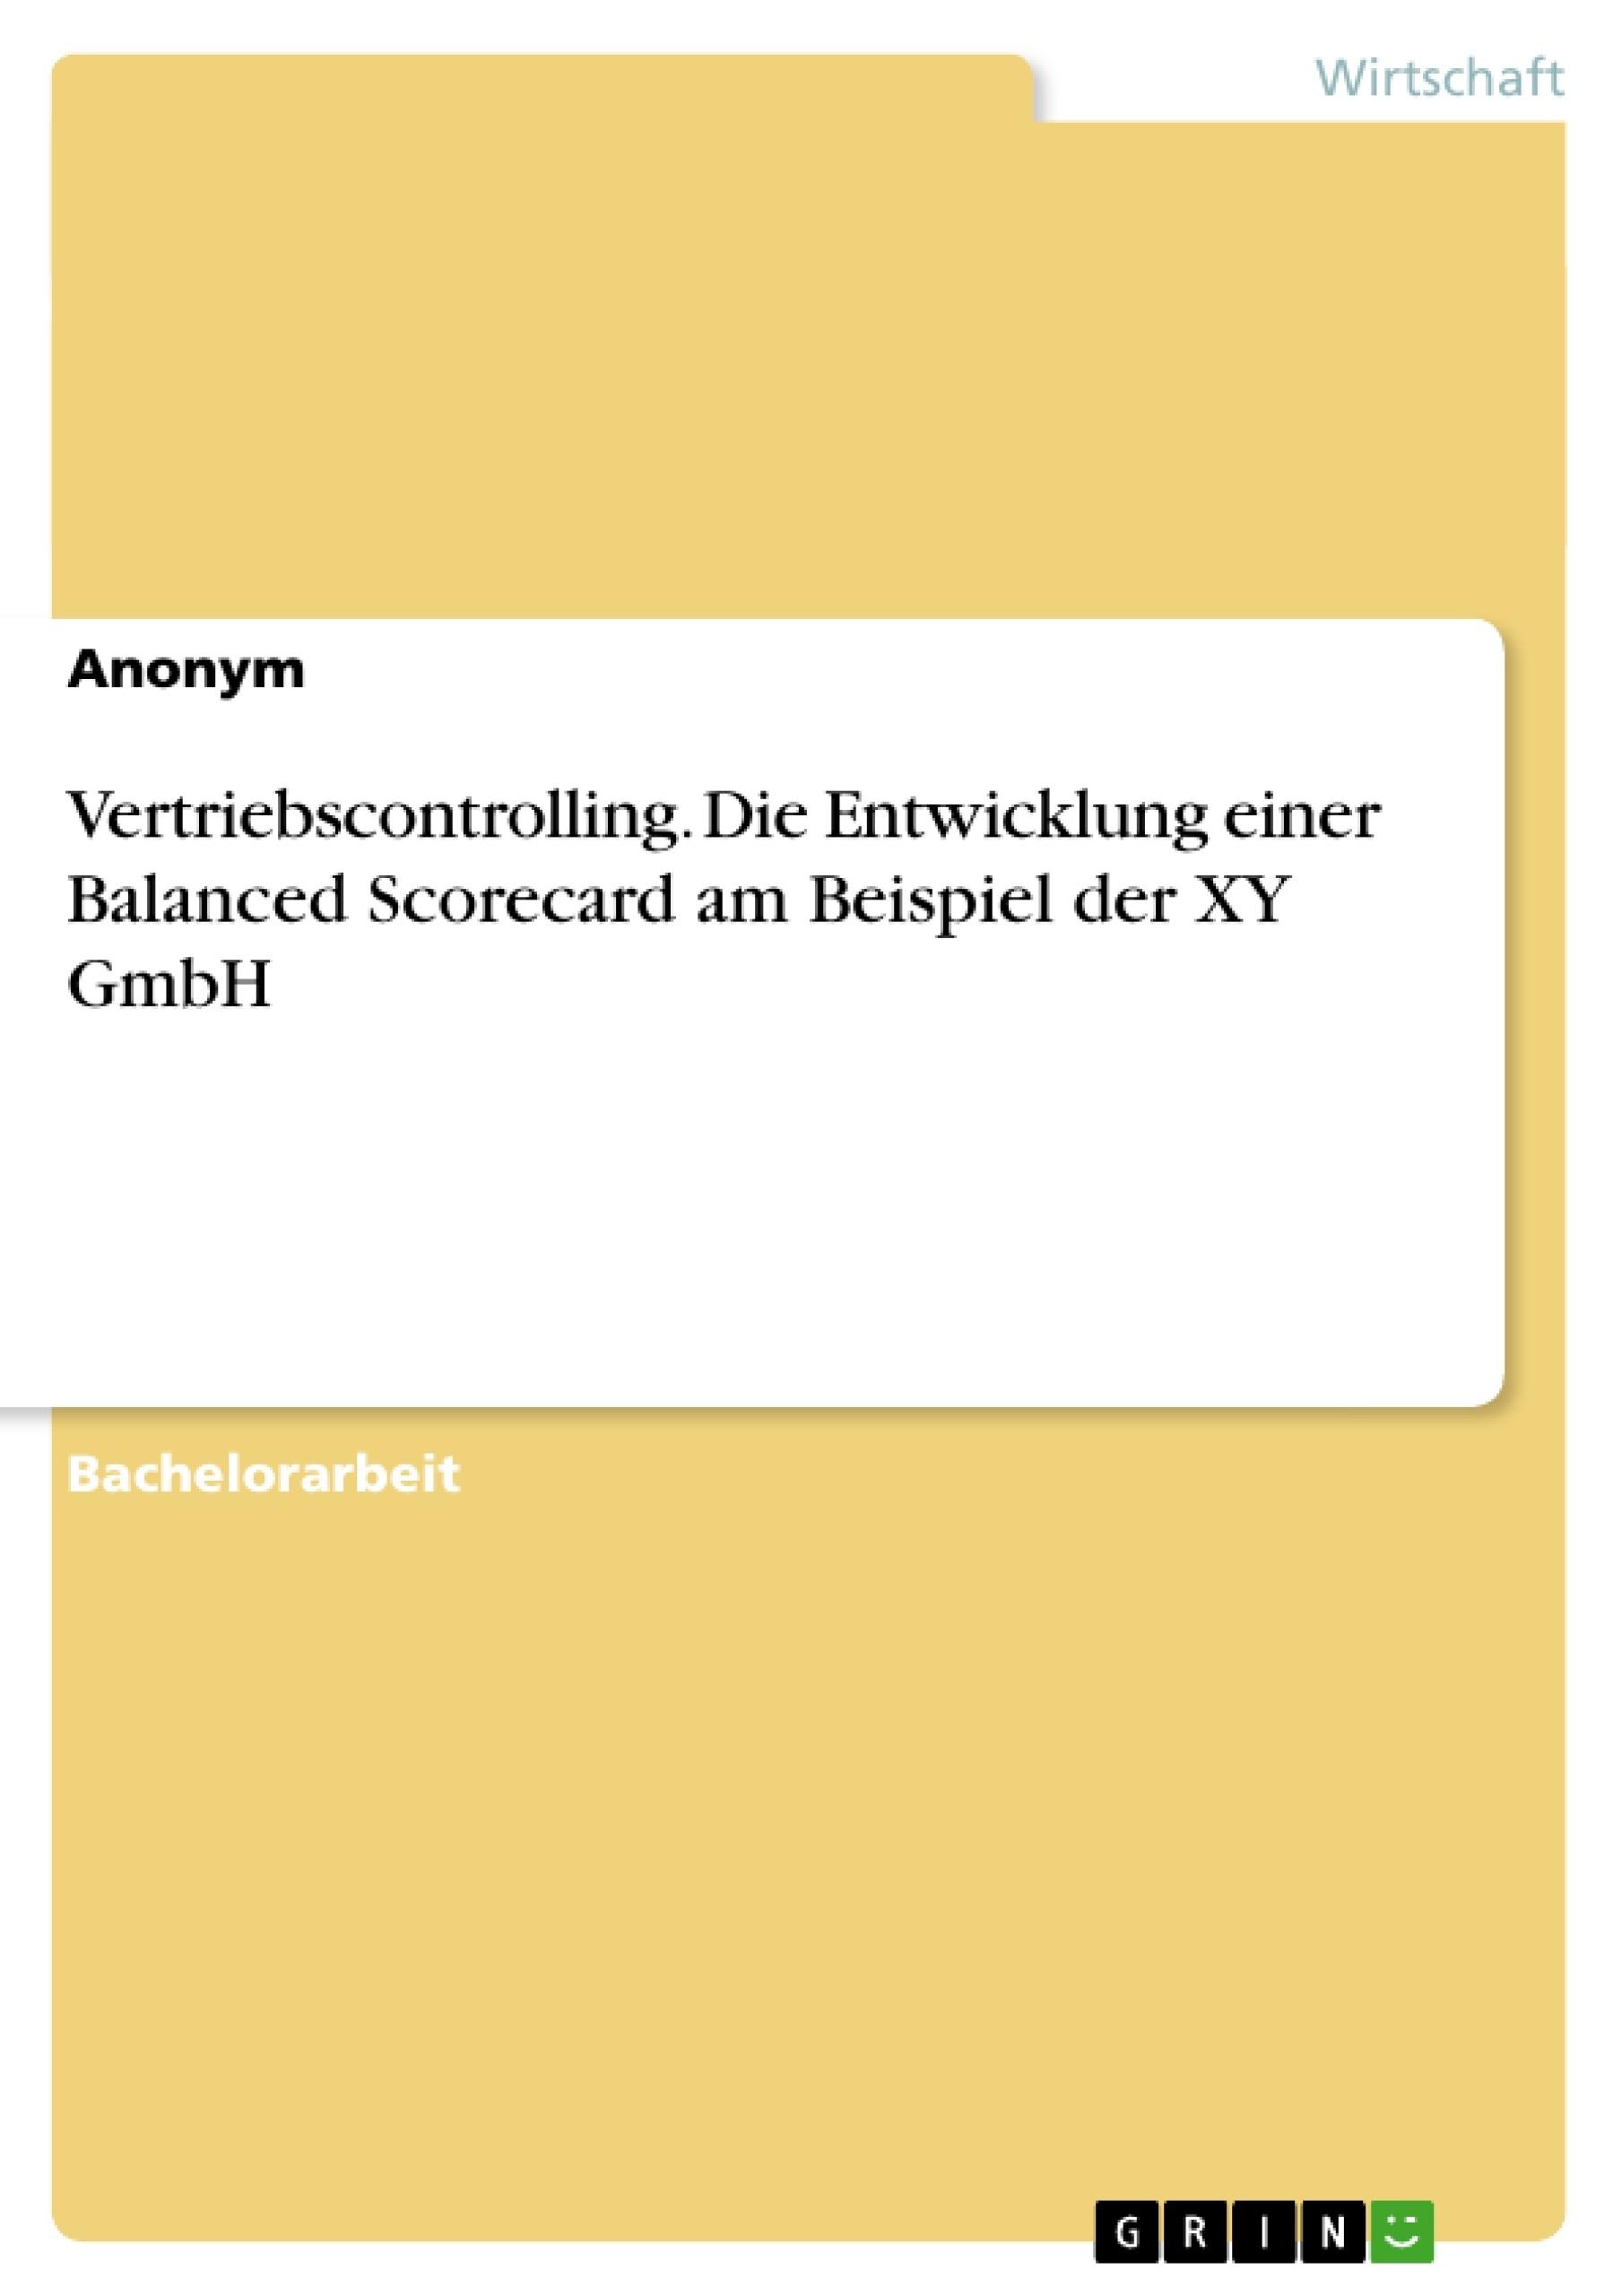 Titel: Vertriebscontrolling. Die Entwicklung einer Balanced Scorecard am Beispiel der XY GmbH